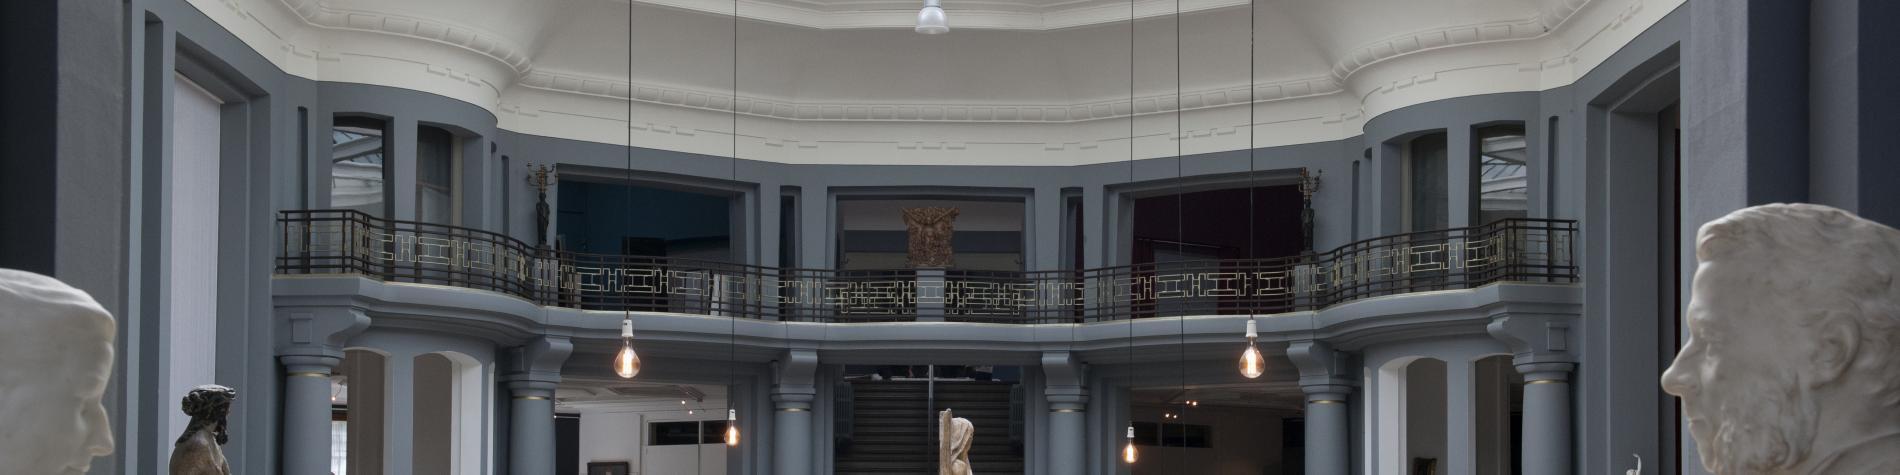 Musée-Beaux-Arts-Art et Culture-Tournai-Exposition